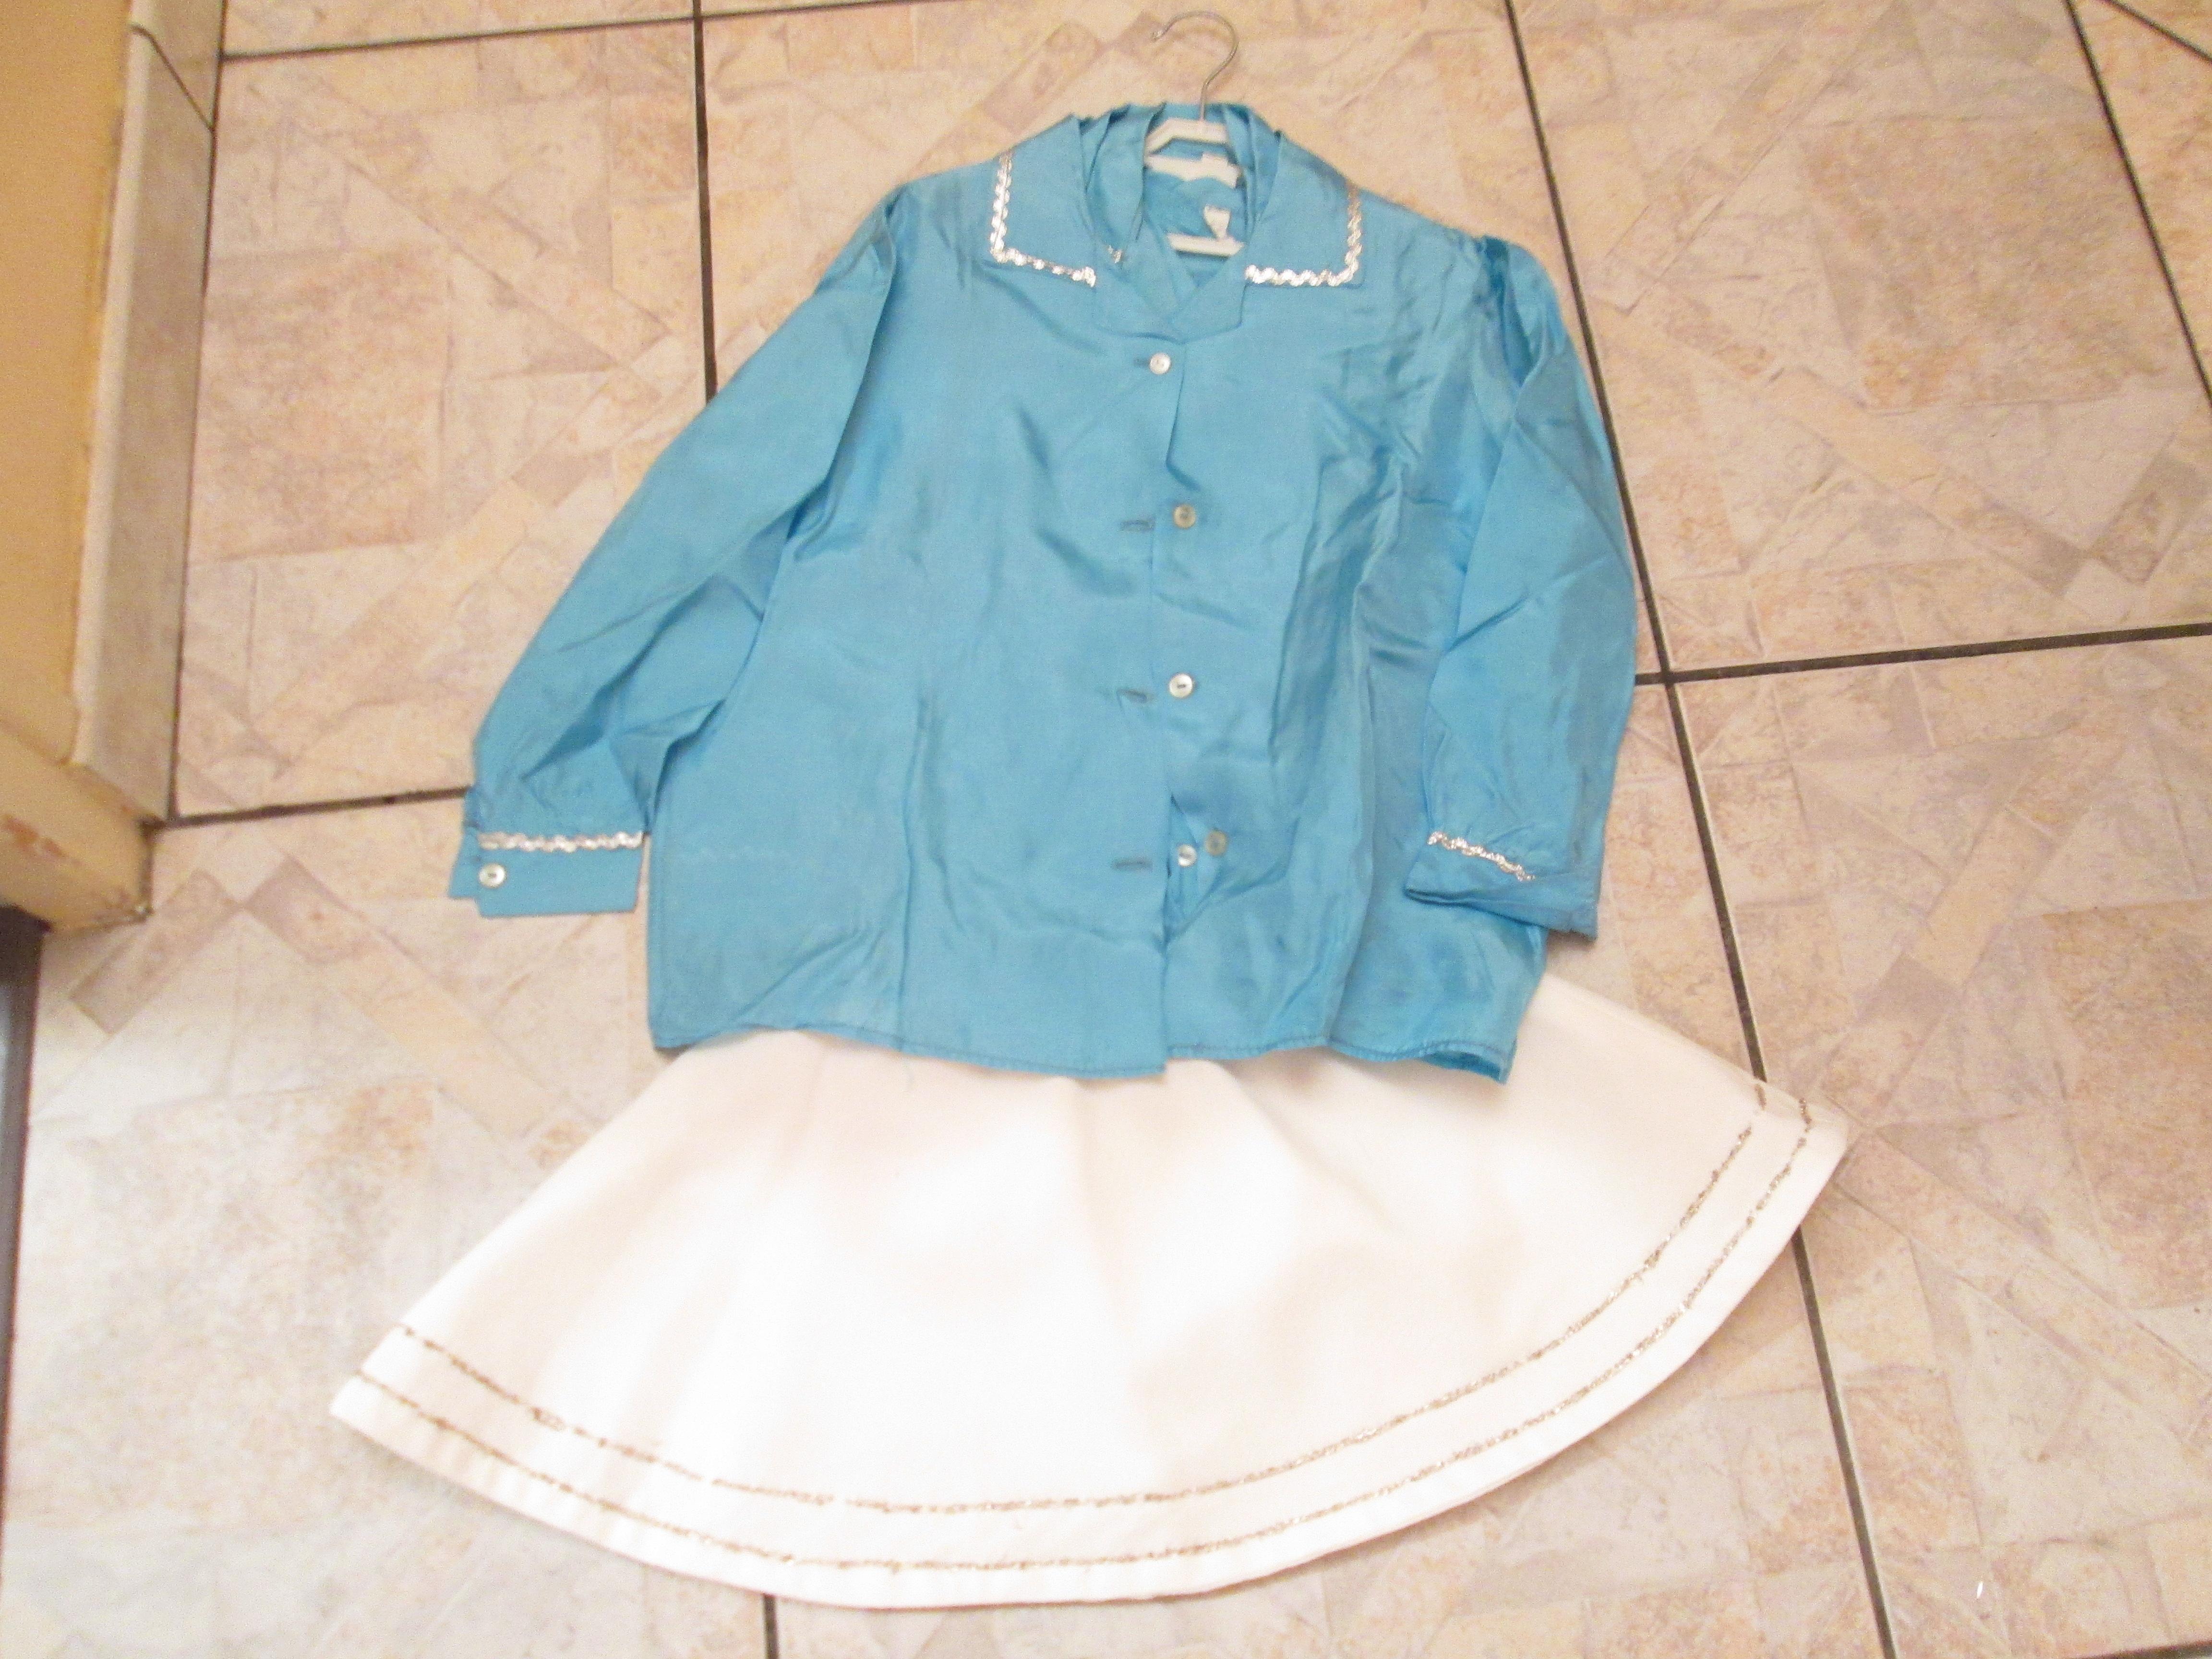 troc de troc costume 6 ans 10 noisettes jupe + chemisier image 0